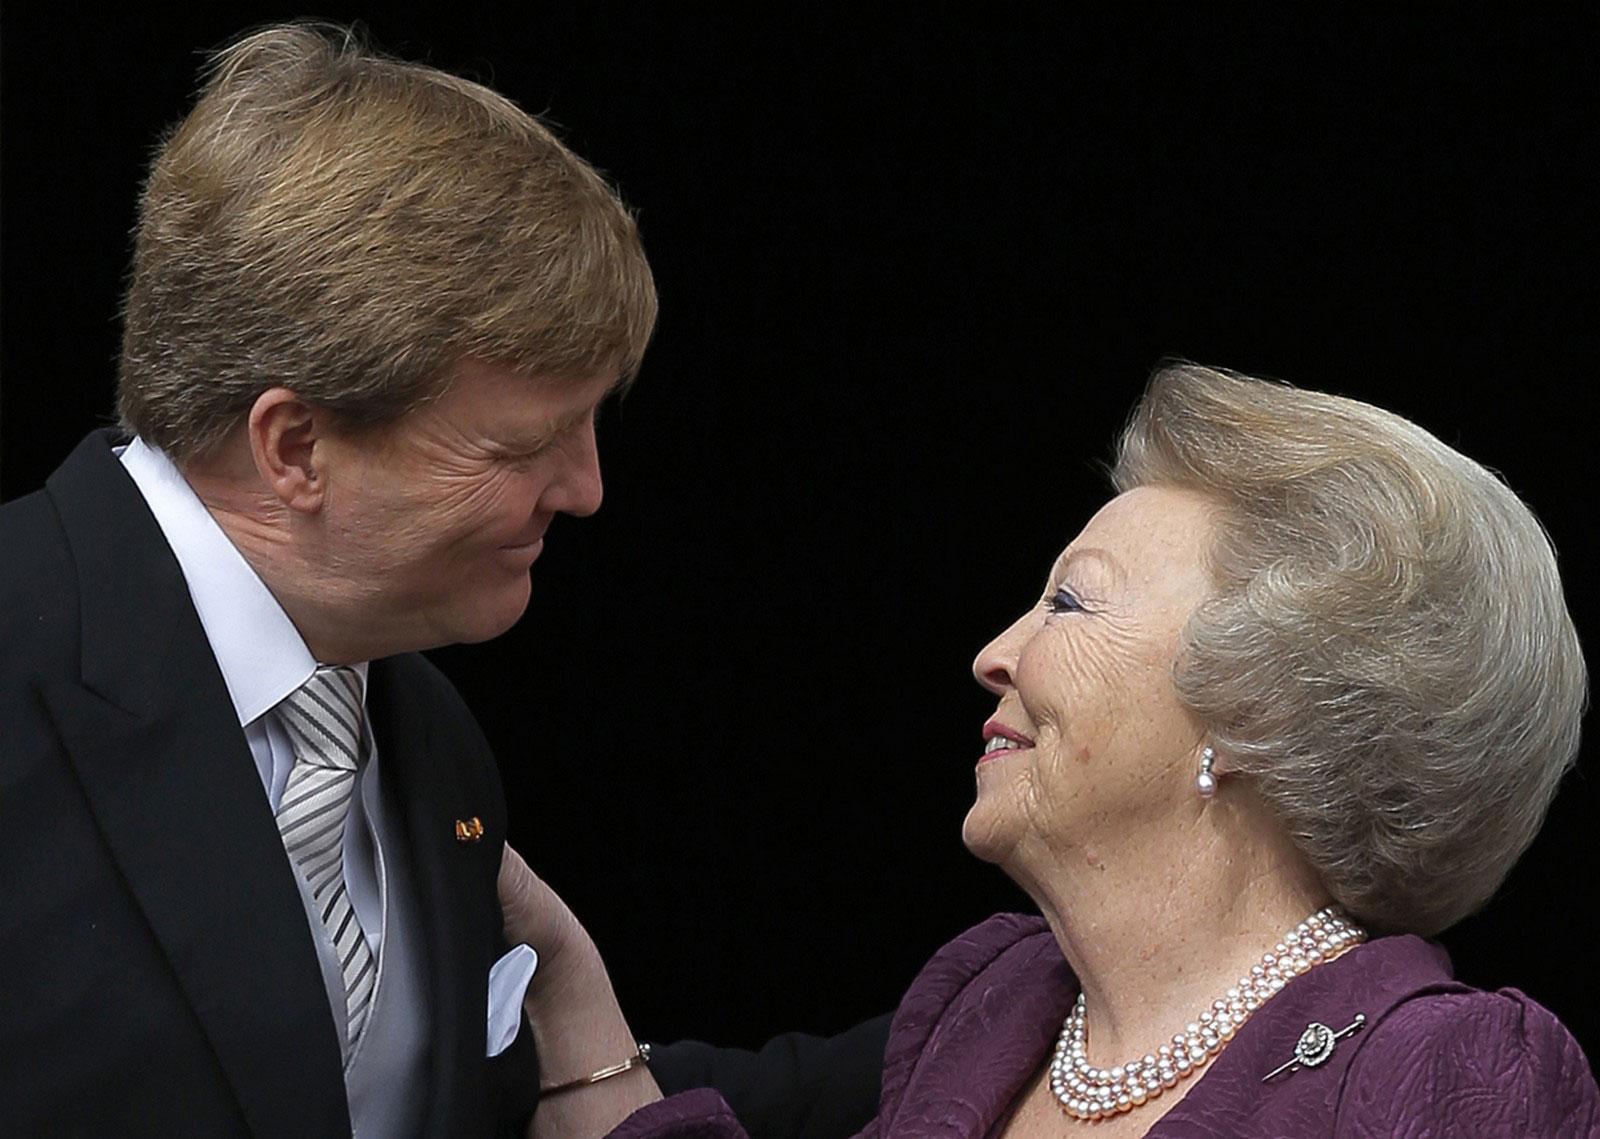 Король Виллем-Александер встречает свою мать